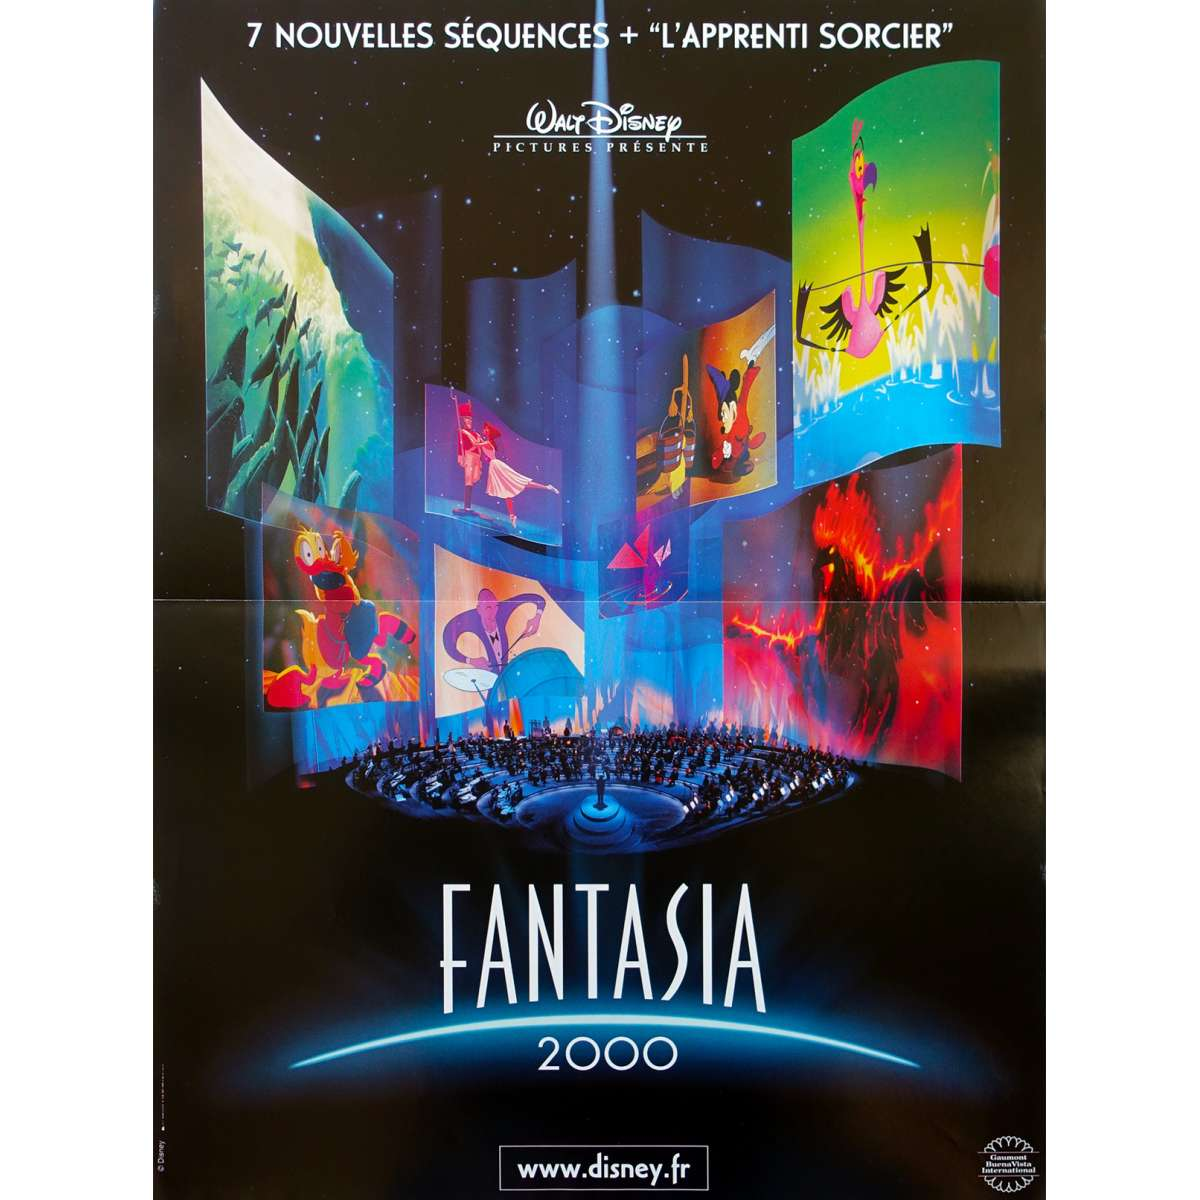 Fantasia 2000 Movie Poster 15x21 In